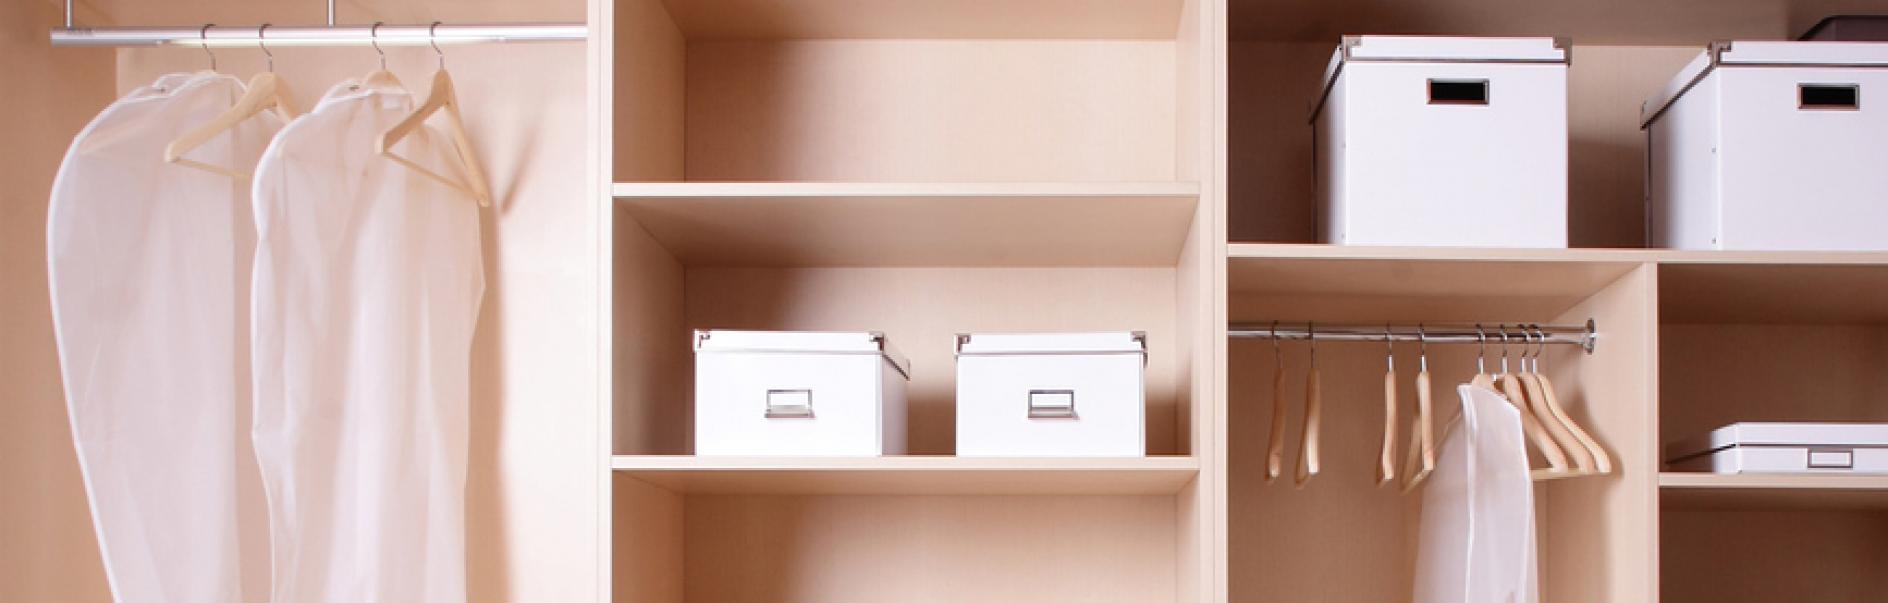 Ajouter Une Étagère Dans Un Placard Étagère supplémentaire dans un placard